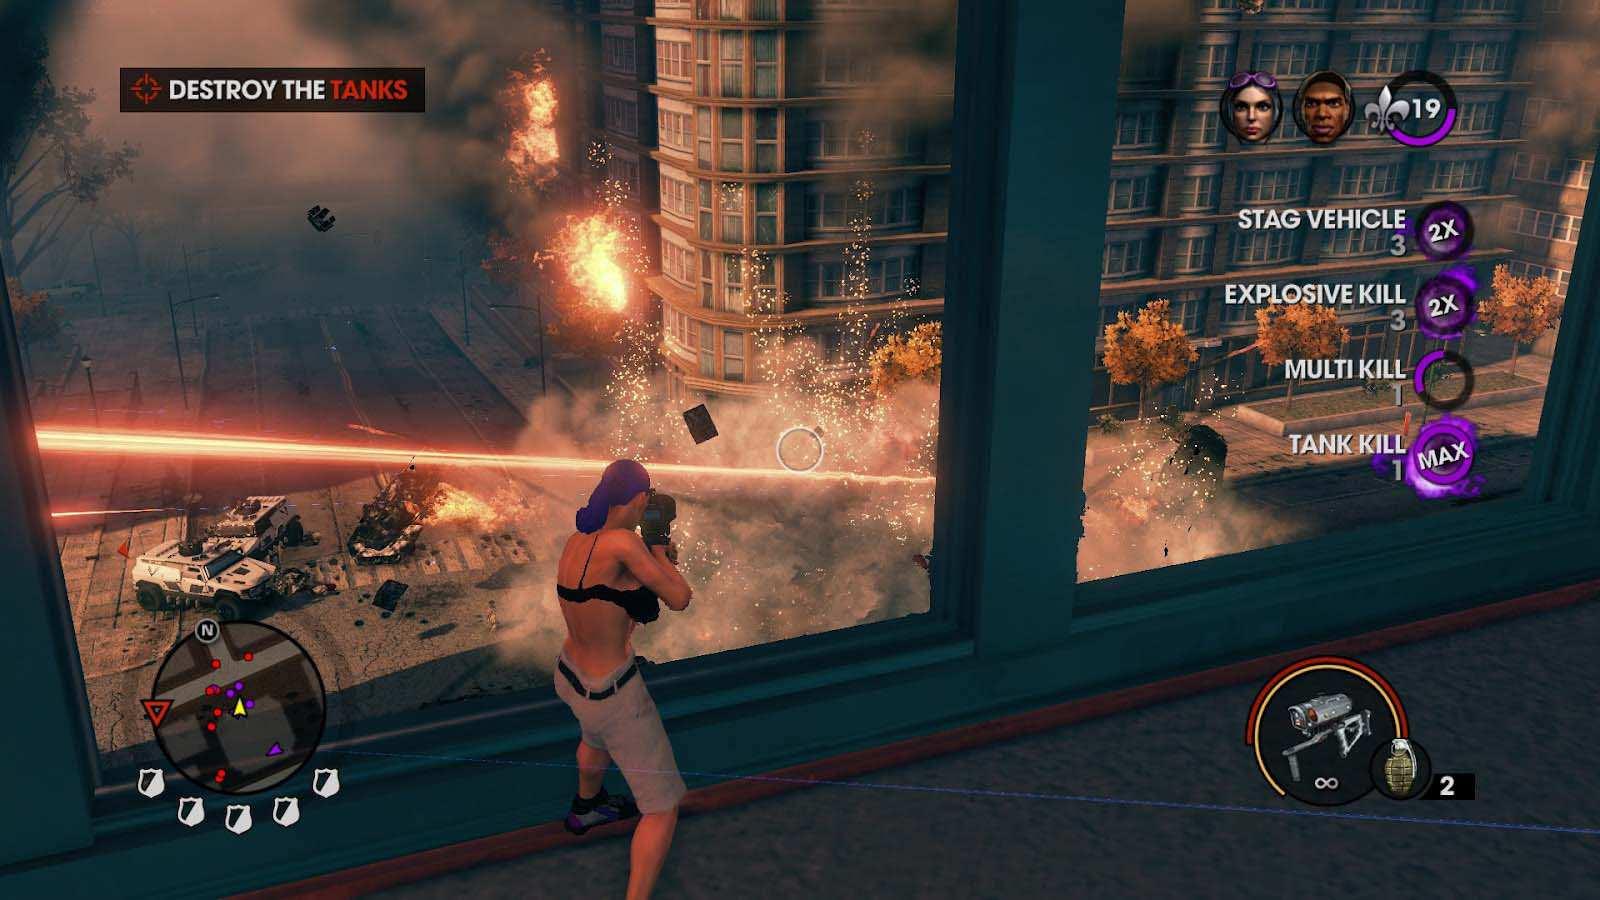 تحميل لعبة Saints Row 3 مضغوطة برابط واحد مباشر + تورنت كاملة مجانا